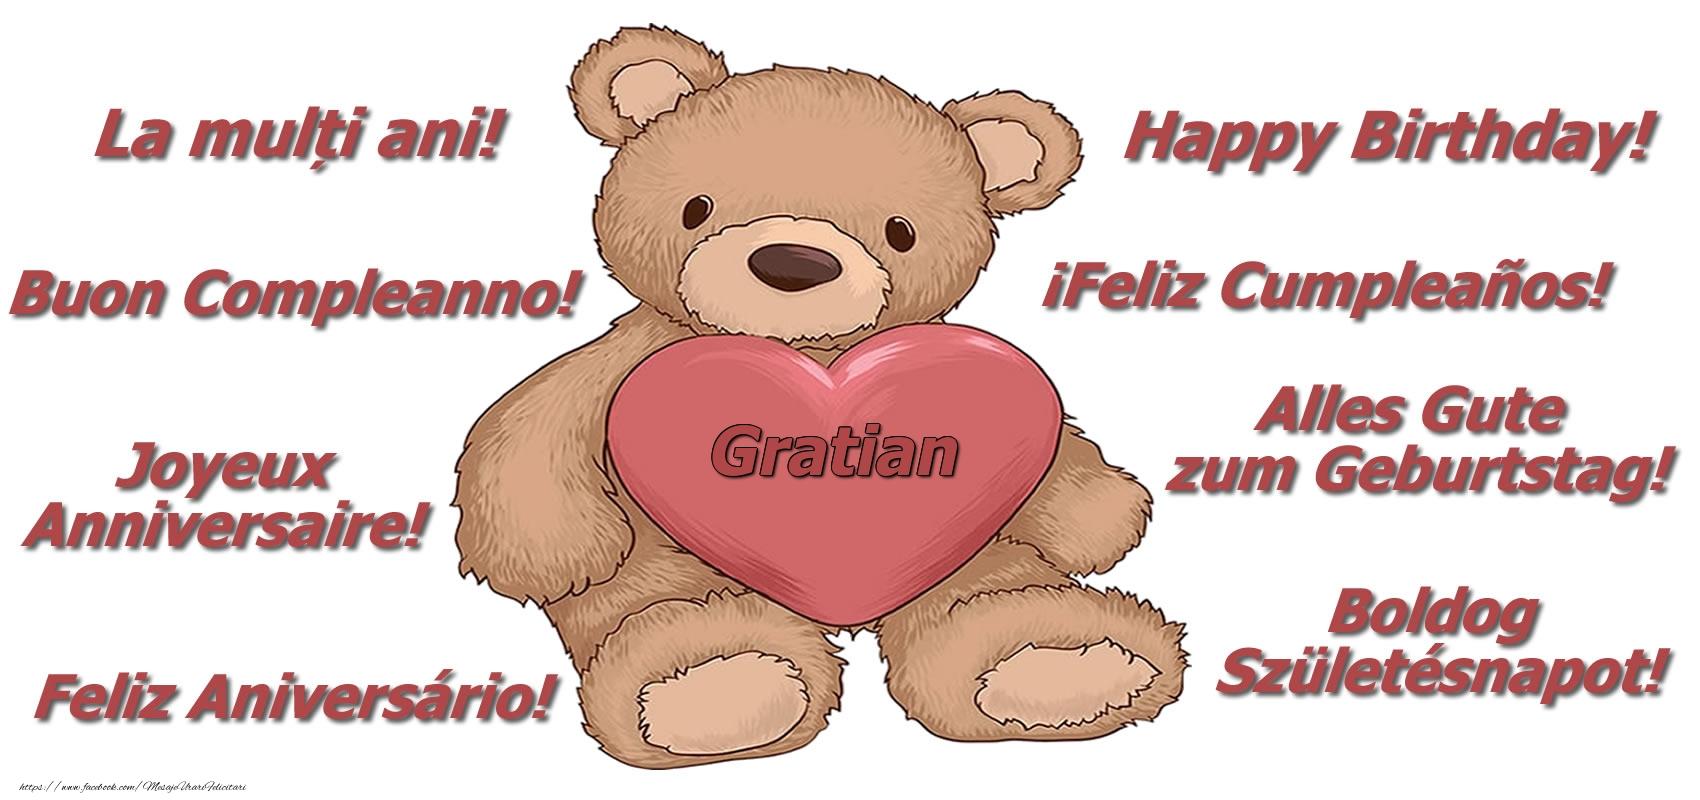 Felicitari de zi de nastere - La multi ani Gratian! - Ursulet